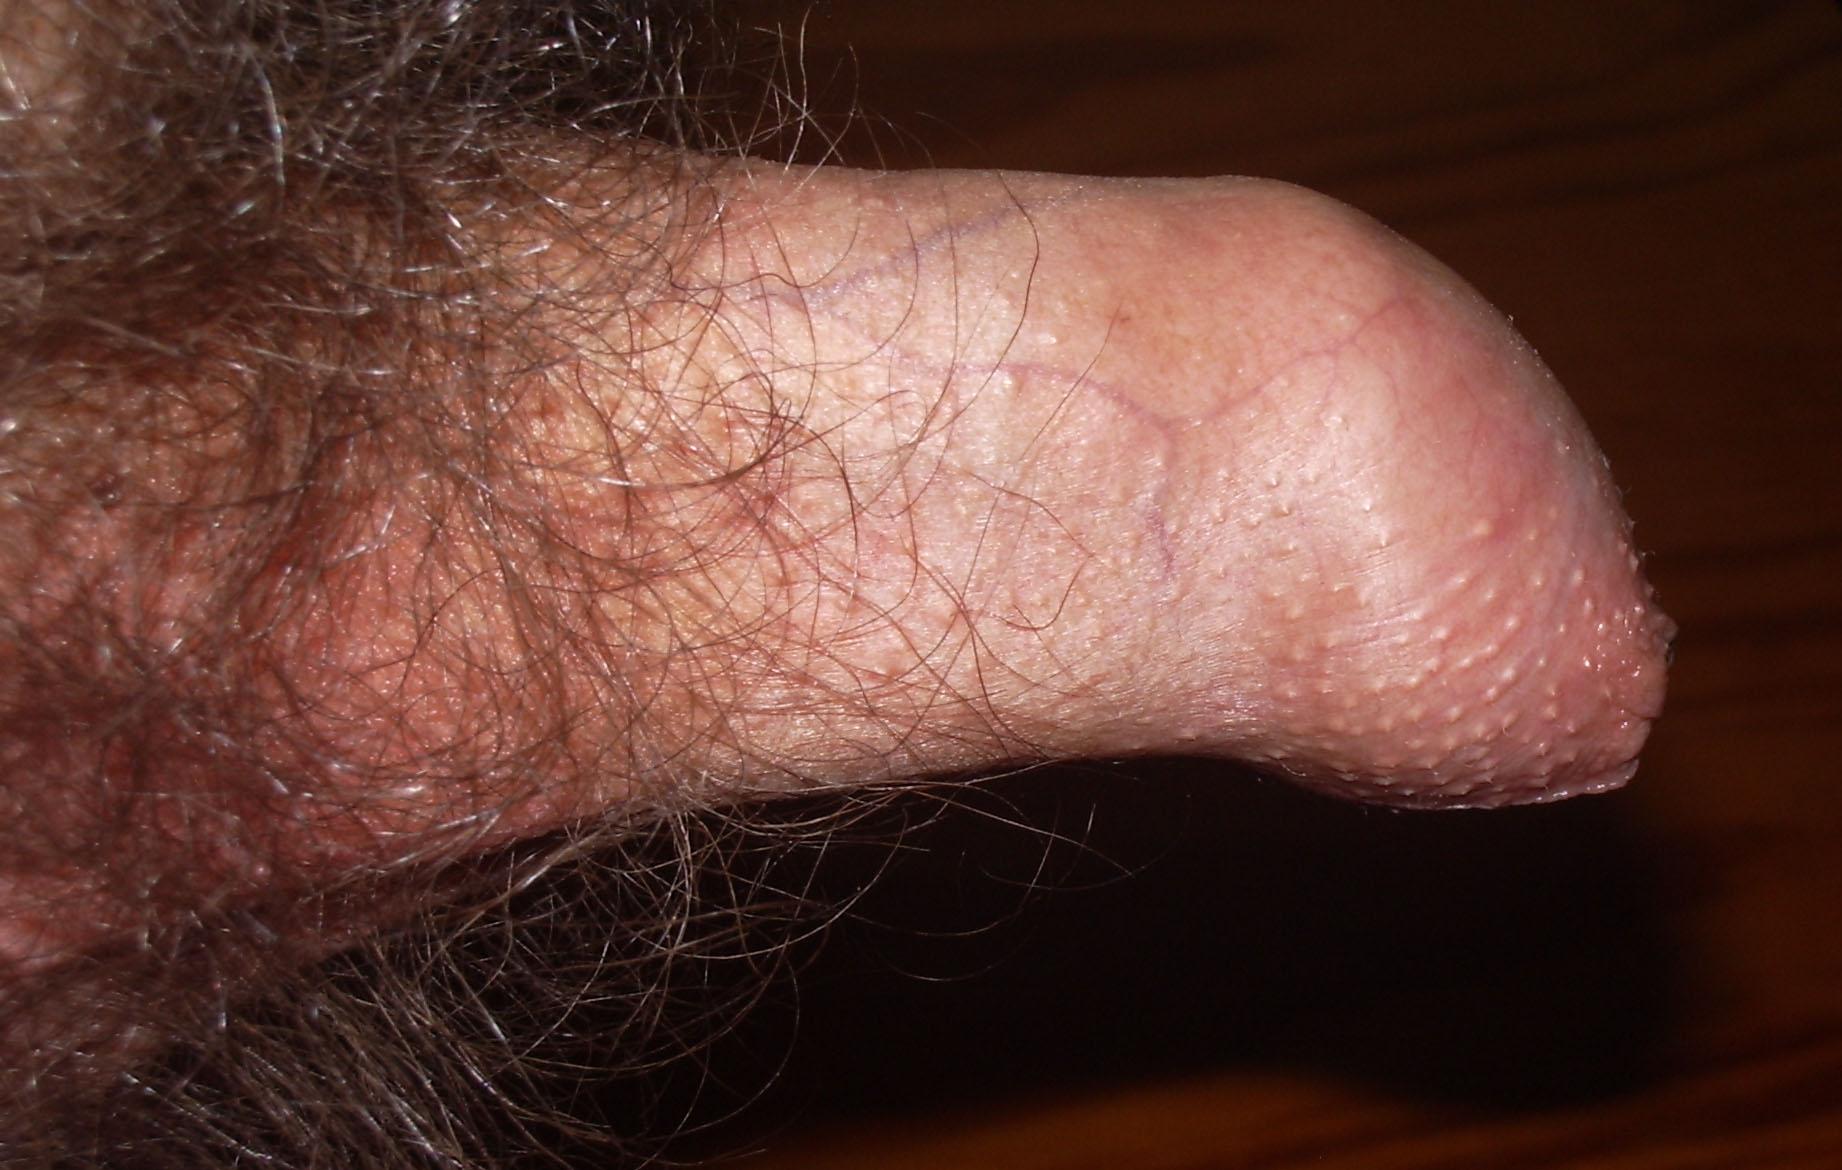 uncircumsized penis pain